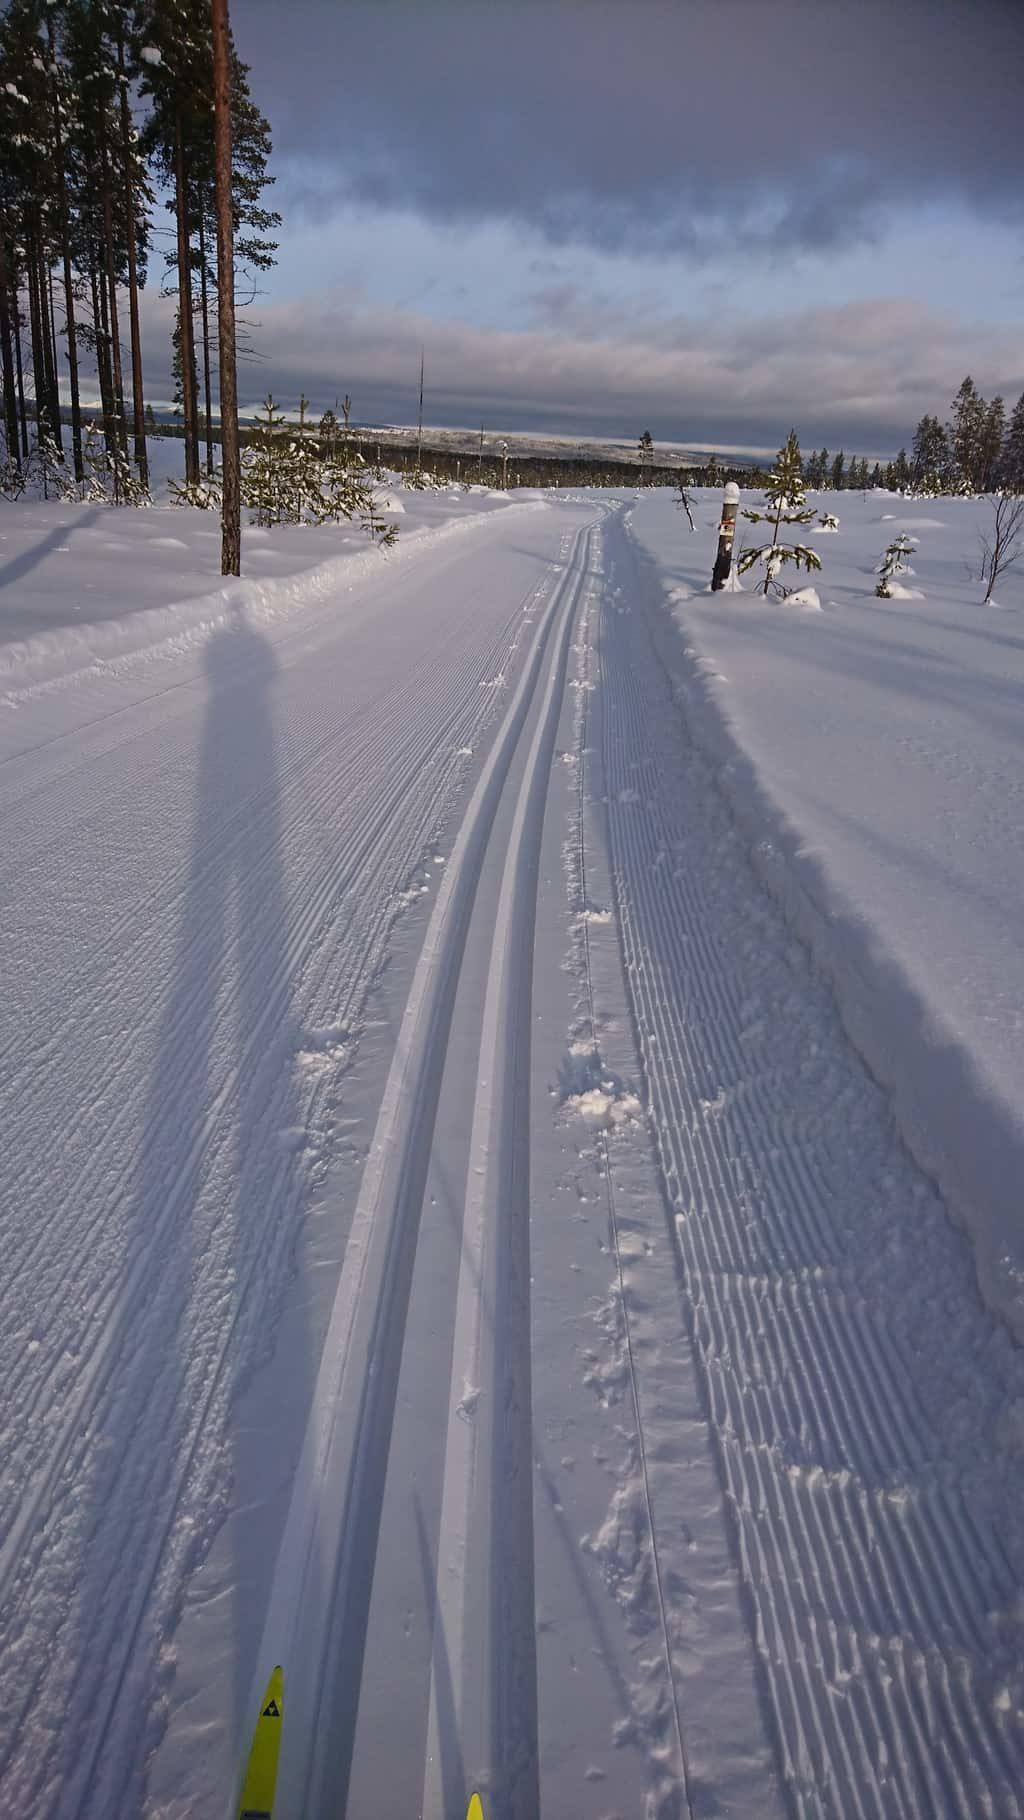 Skidspår av yppersta kvalité. Här Fläcksbergsspåret. Sträckan Skidstadion-Fläcksbergstoppen tur och retur är cirka 1,3 mil. Tänk Er mars månad med värmande sol, medhavd apelsin och varm choklad i termos att njuta med vida utsikt ner mot Byvallen, Ytterberg, Sveg och Sonfjället som breder ut sig cirka 5 mil fågelvägen nordväst från Fläcksberget räknat. Foto: Hans-Erik Vallström